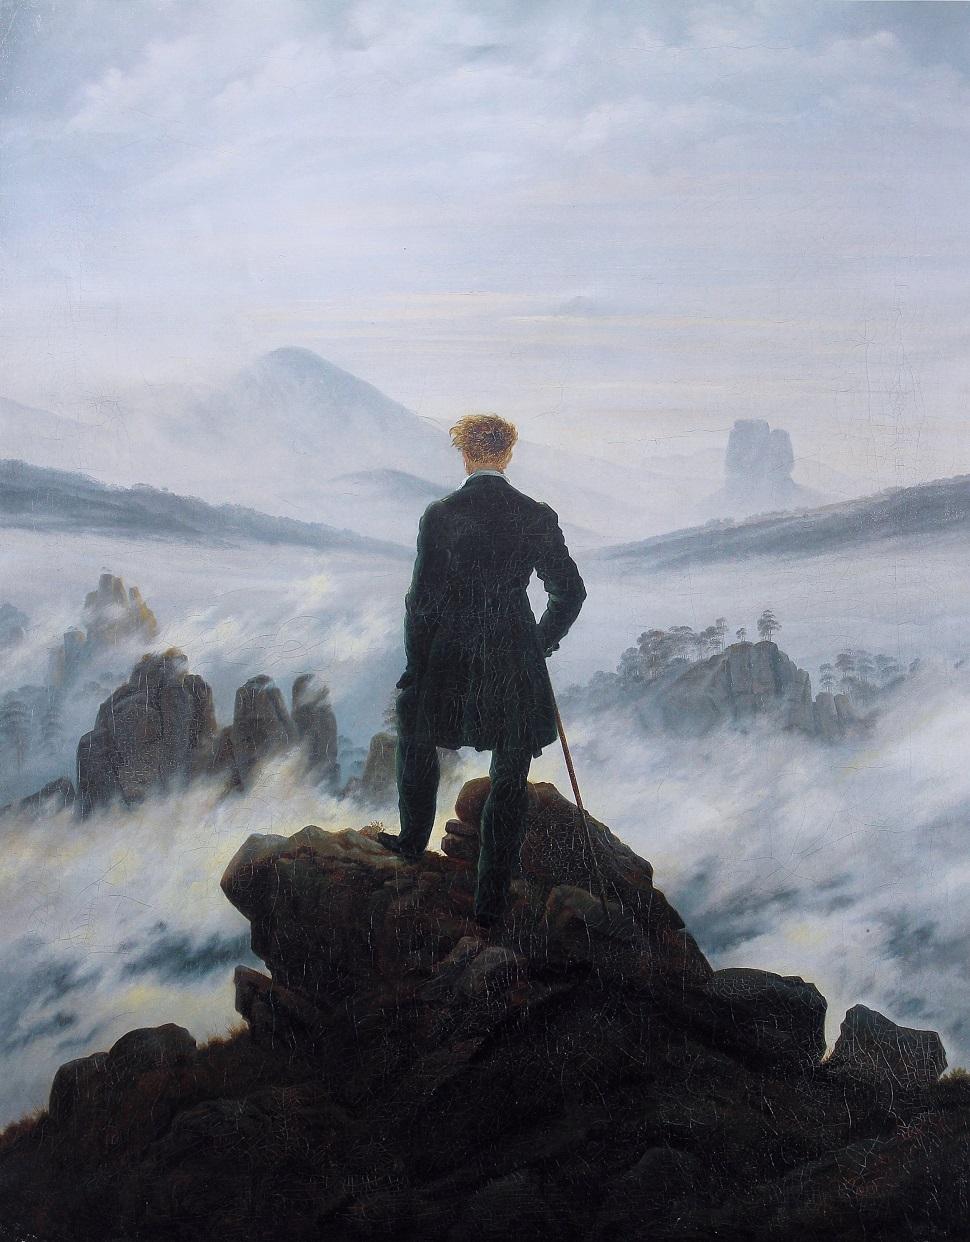 독일 낭만주의 풍경화가 카스파르 다비드 프리드리히(Caspar David Friedrich)가 그린 <안개의 바다를 내려다 보고 있는 방랑자(Wanderer above the Sea of Fog)> 1818년 작. 94.8 × 74.8 cm. Kunsthalle Hamburg